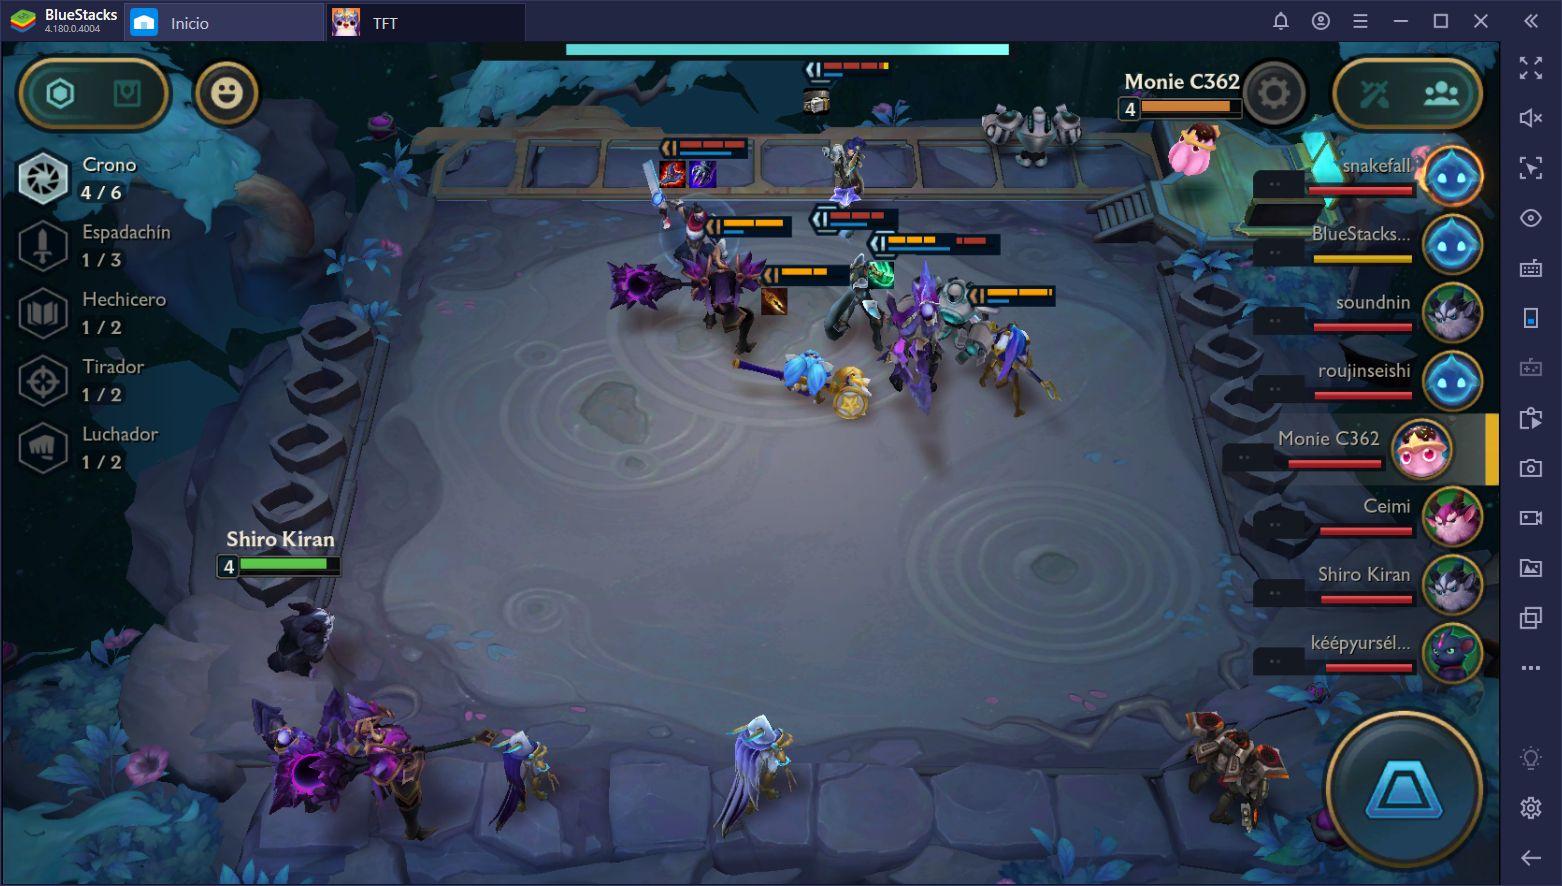 Teamfight Tactics en BlueStacks - Los Mejores Trucos y Consejos Para Ganar Cada Partida